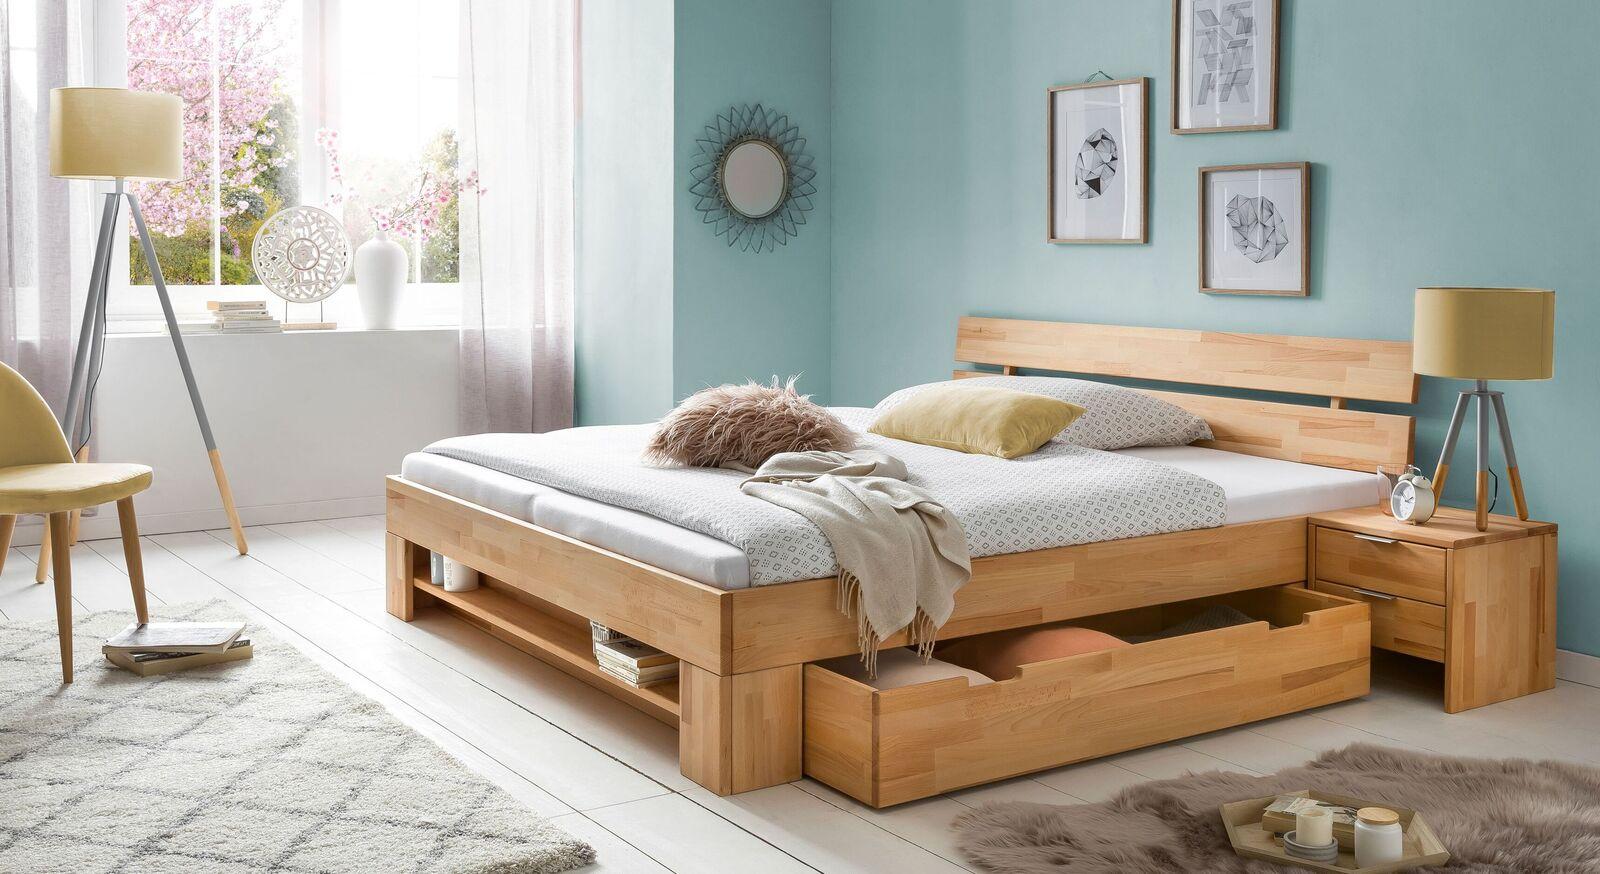 Schubkasten-Bett Valisia mit passendem Nachttisch